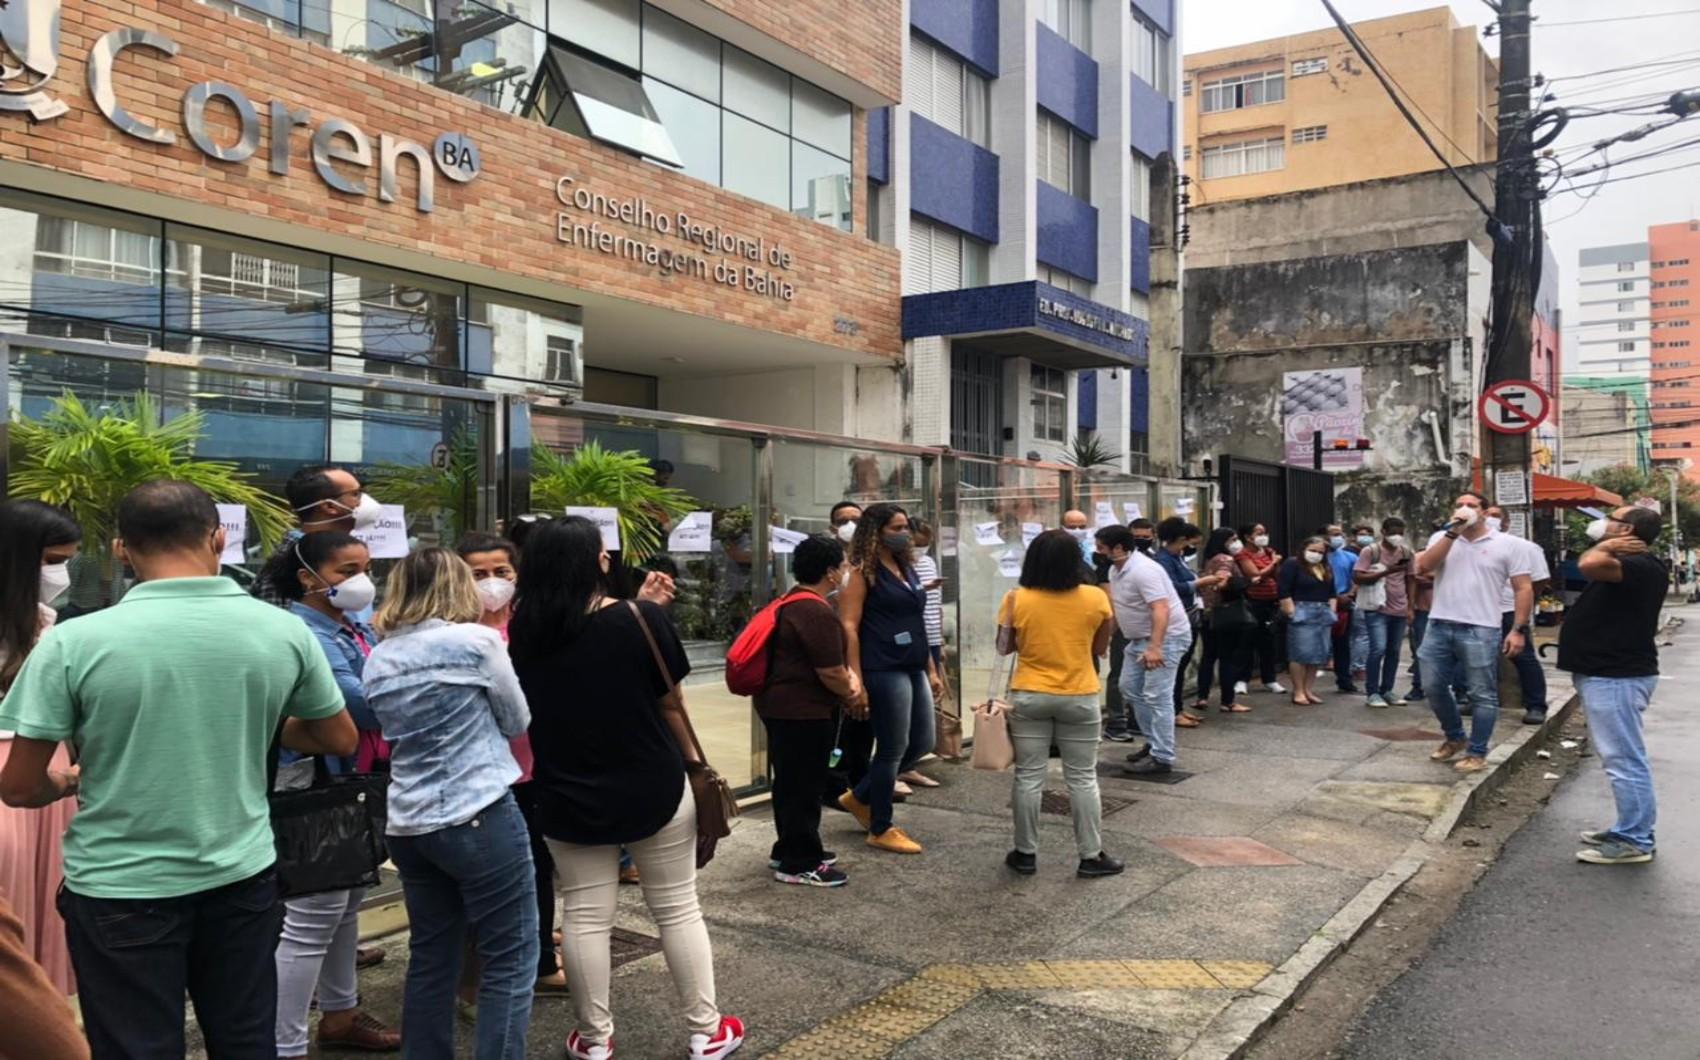 Servidores do Conselho de Enfermagem protestam em Salvador e pedem reajuste salarial e acesso a plano de saúde